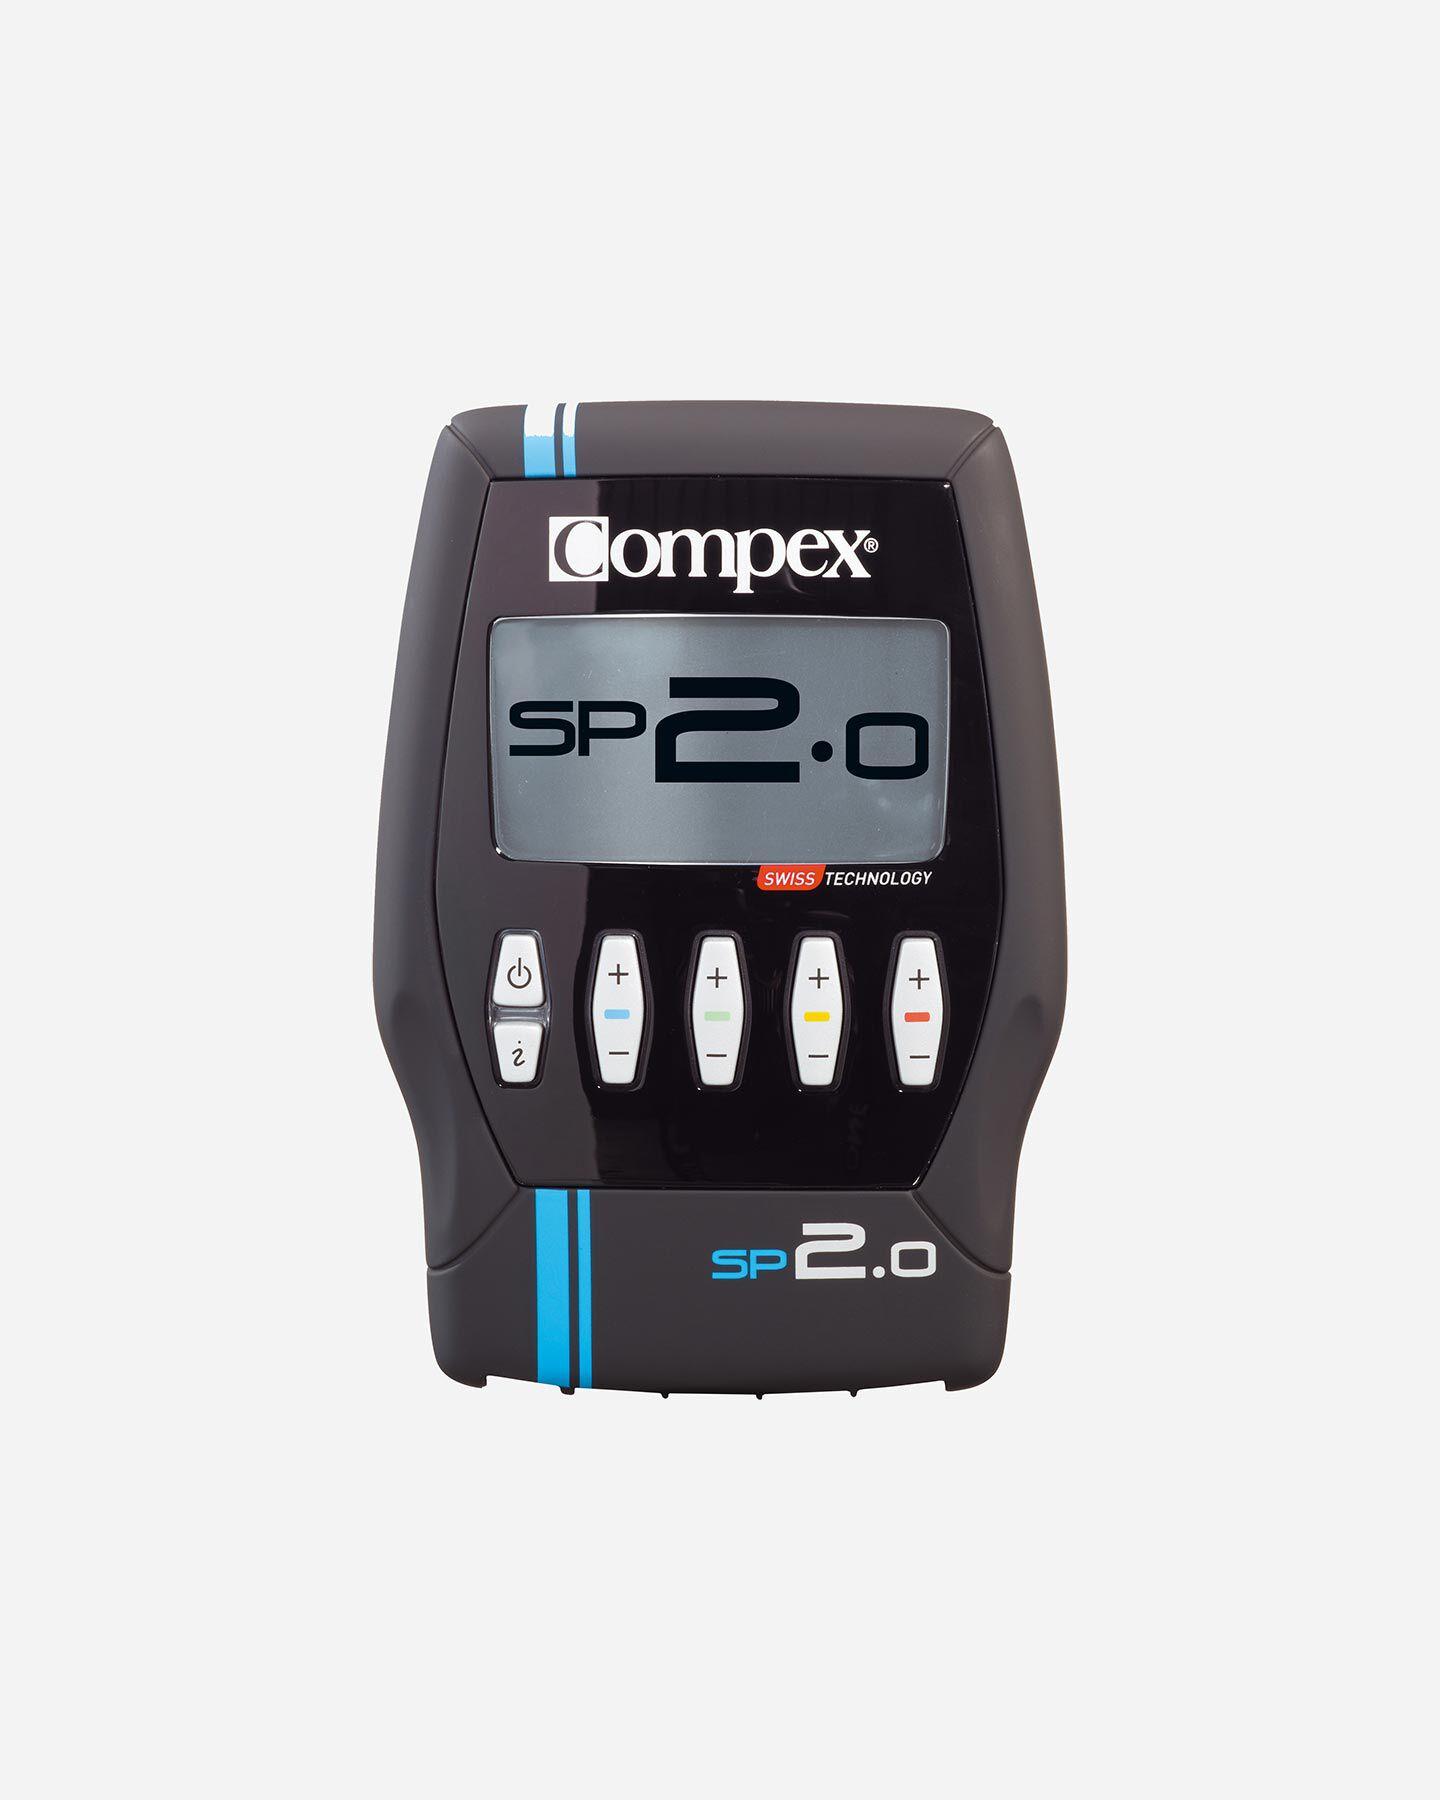 Elettrostimolatore COMPEX SP 2.0 S1296247 1 UNI scatto 0